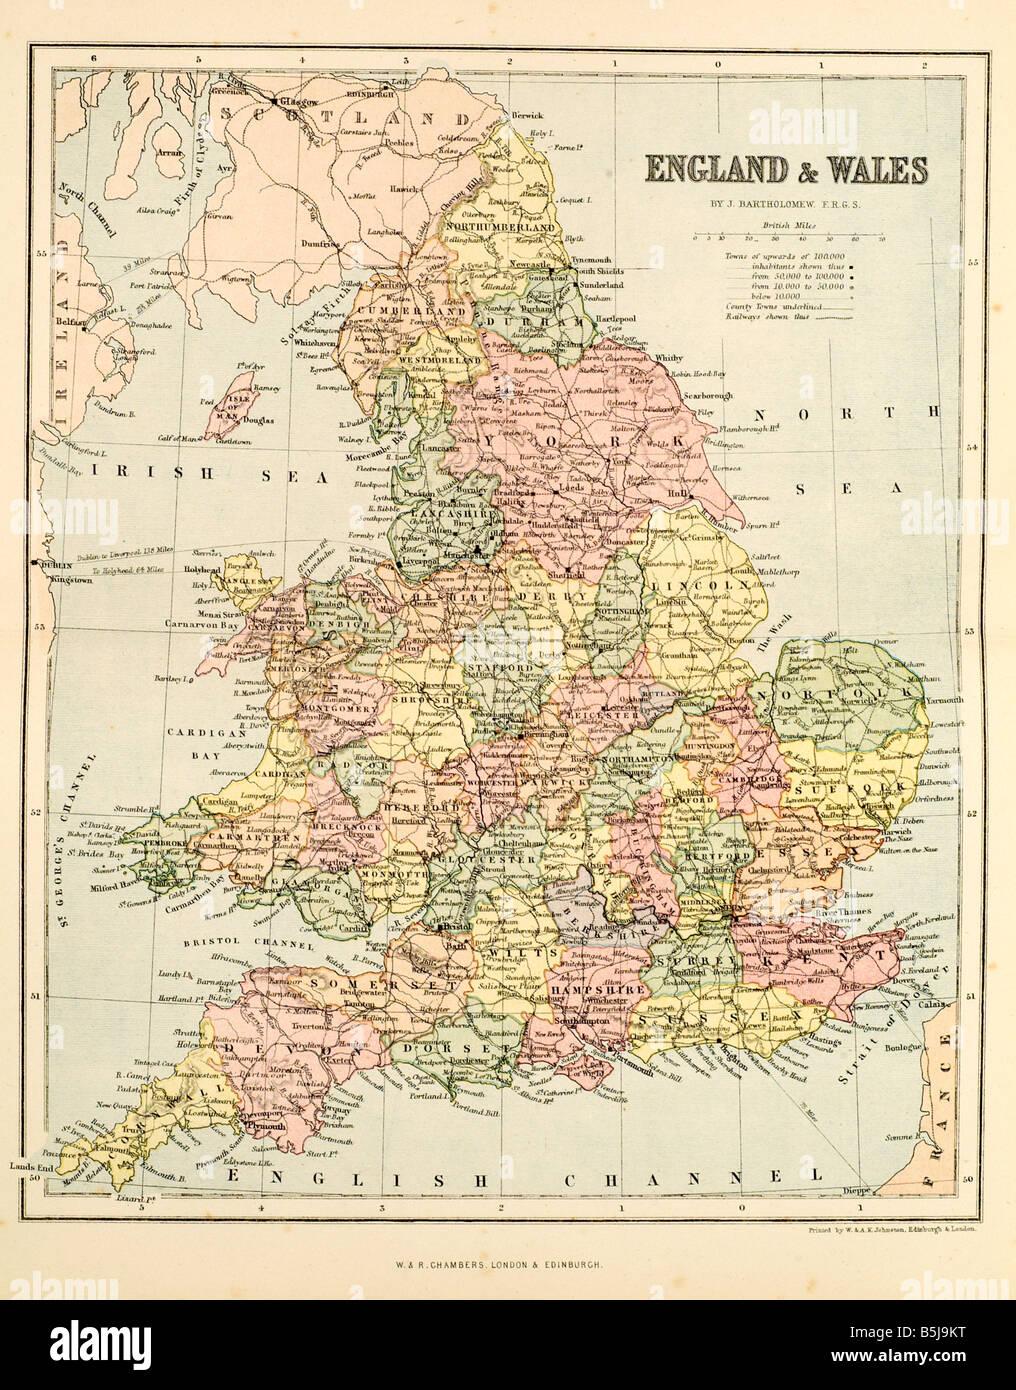 england and wales map United Kingdom Cynulliad Cenedlaethol Cymru Roman occupation - Stock Image